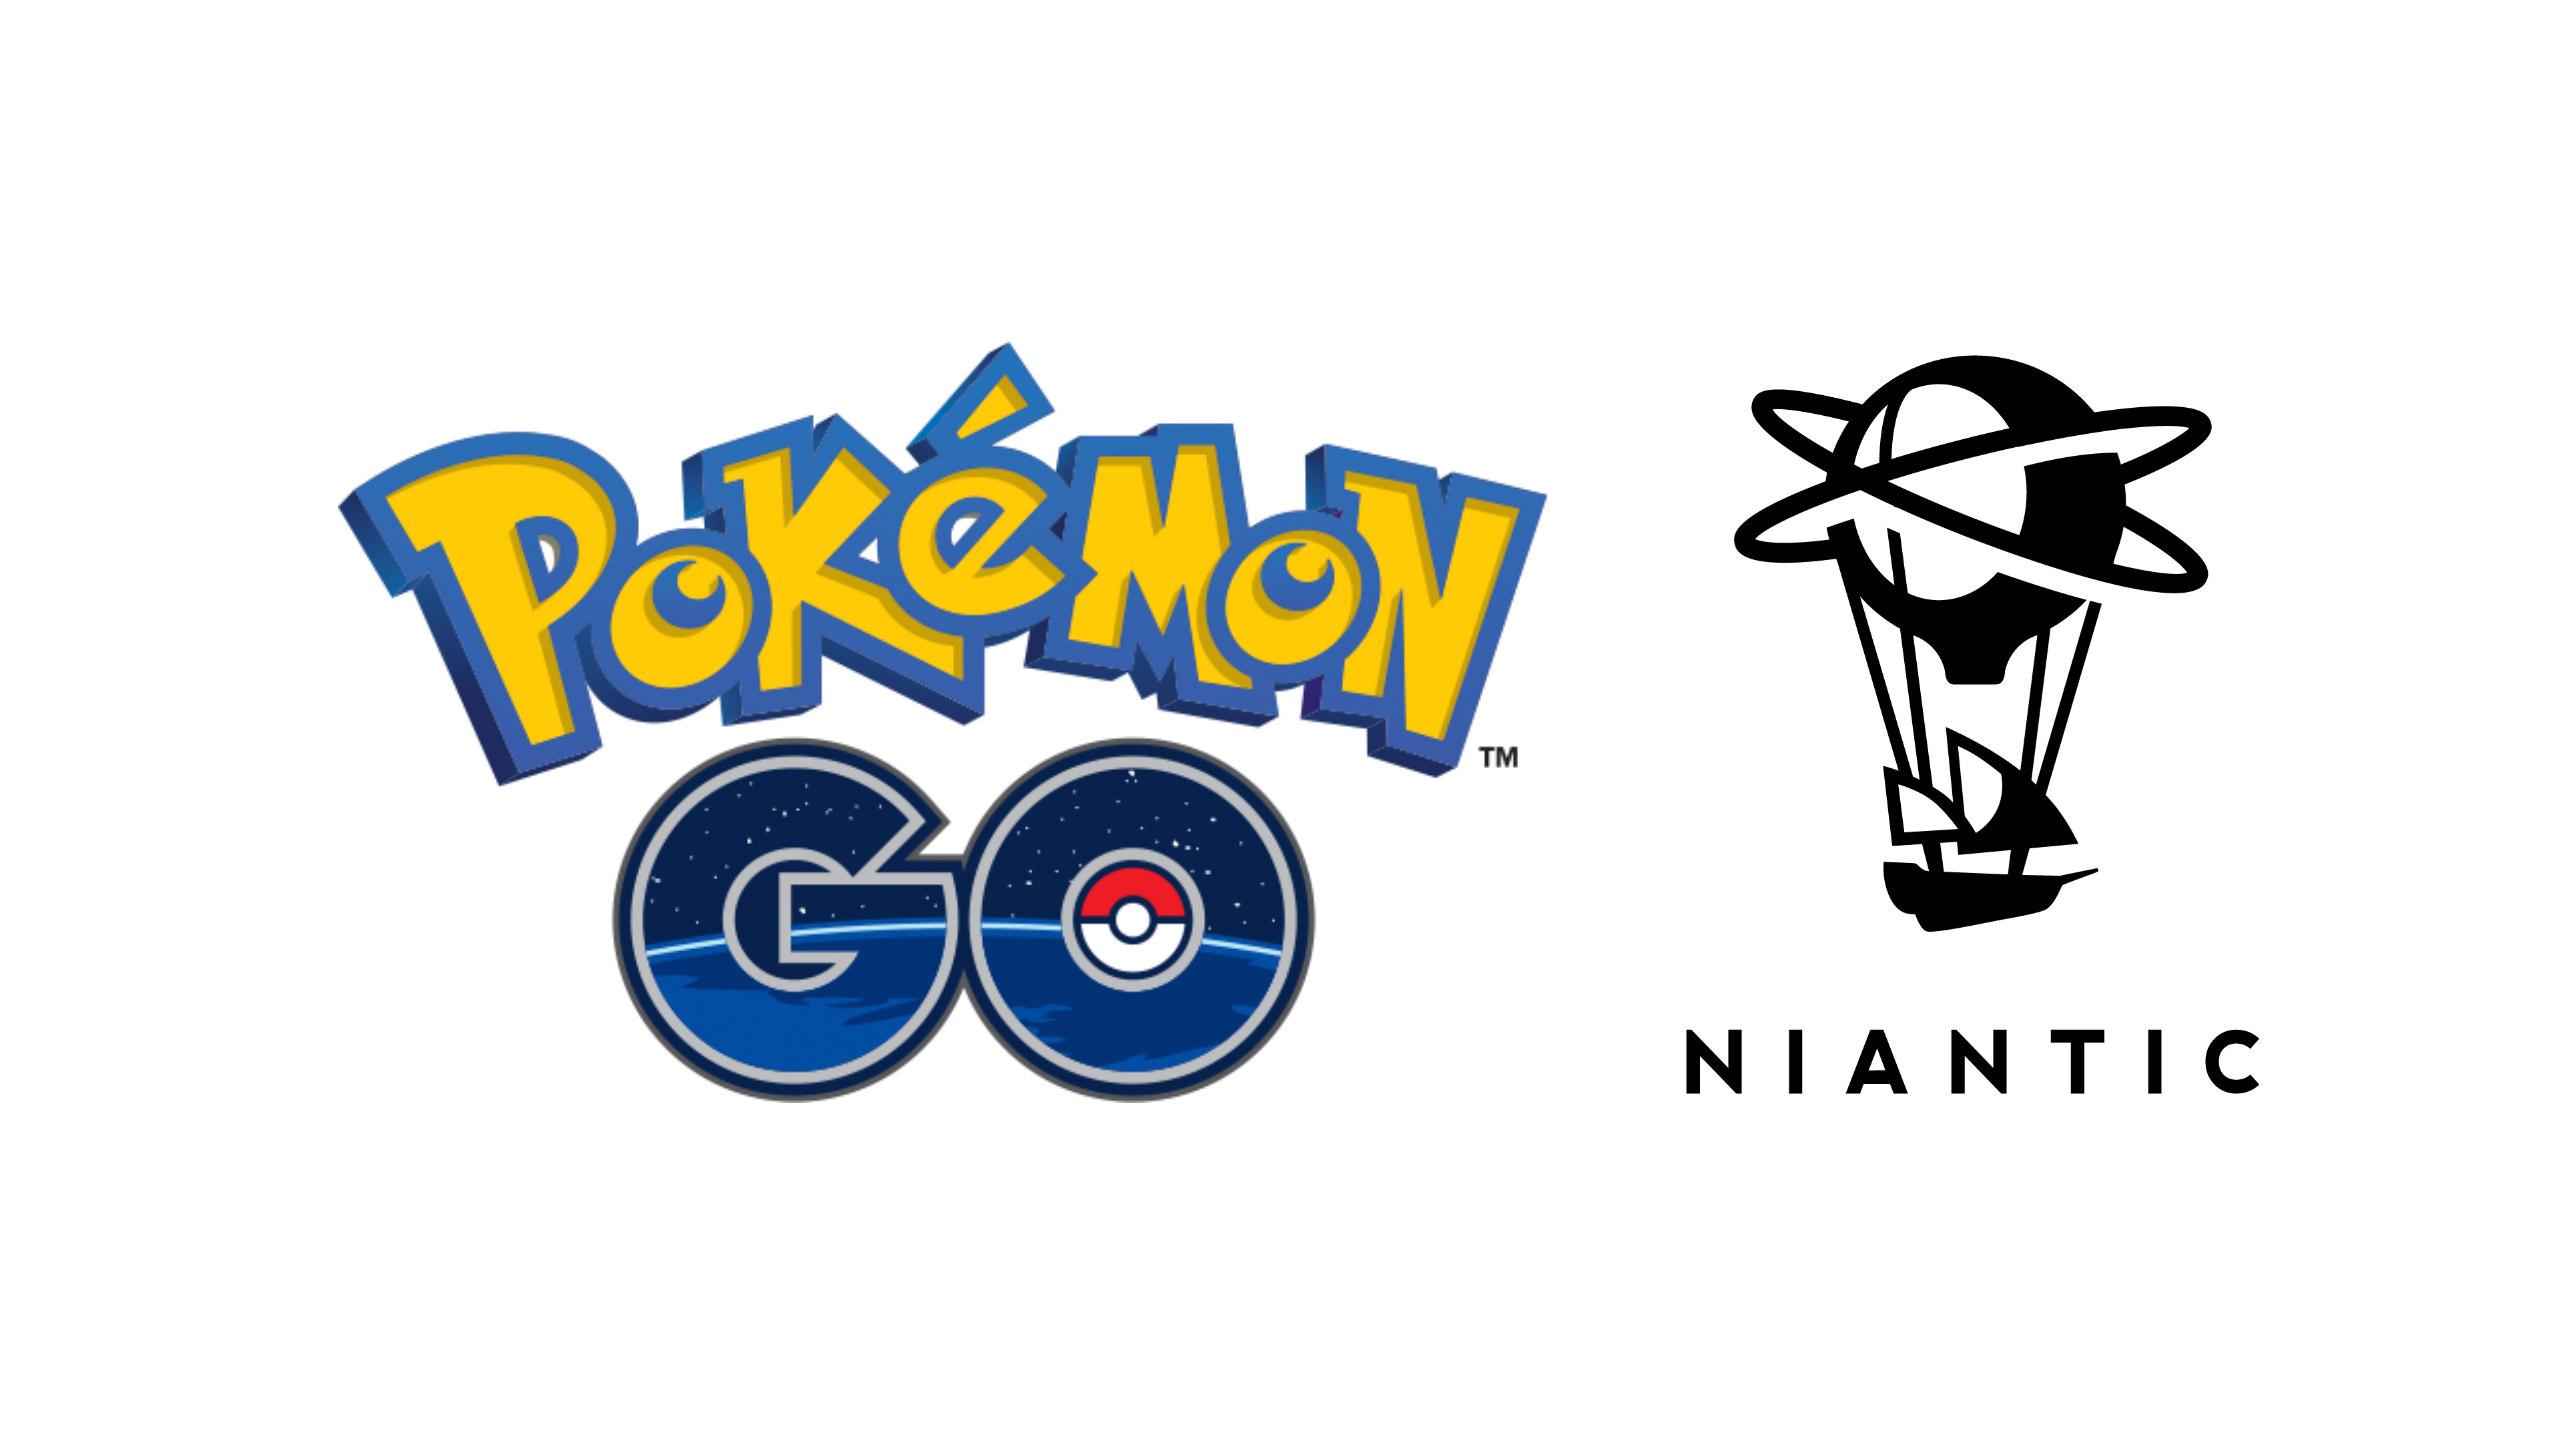 Взламыватели игр выплатят 5 млн. долларов разработчикам Pokemon GO